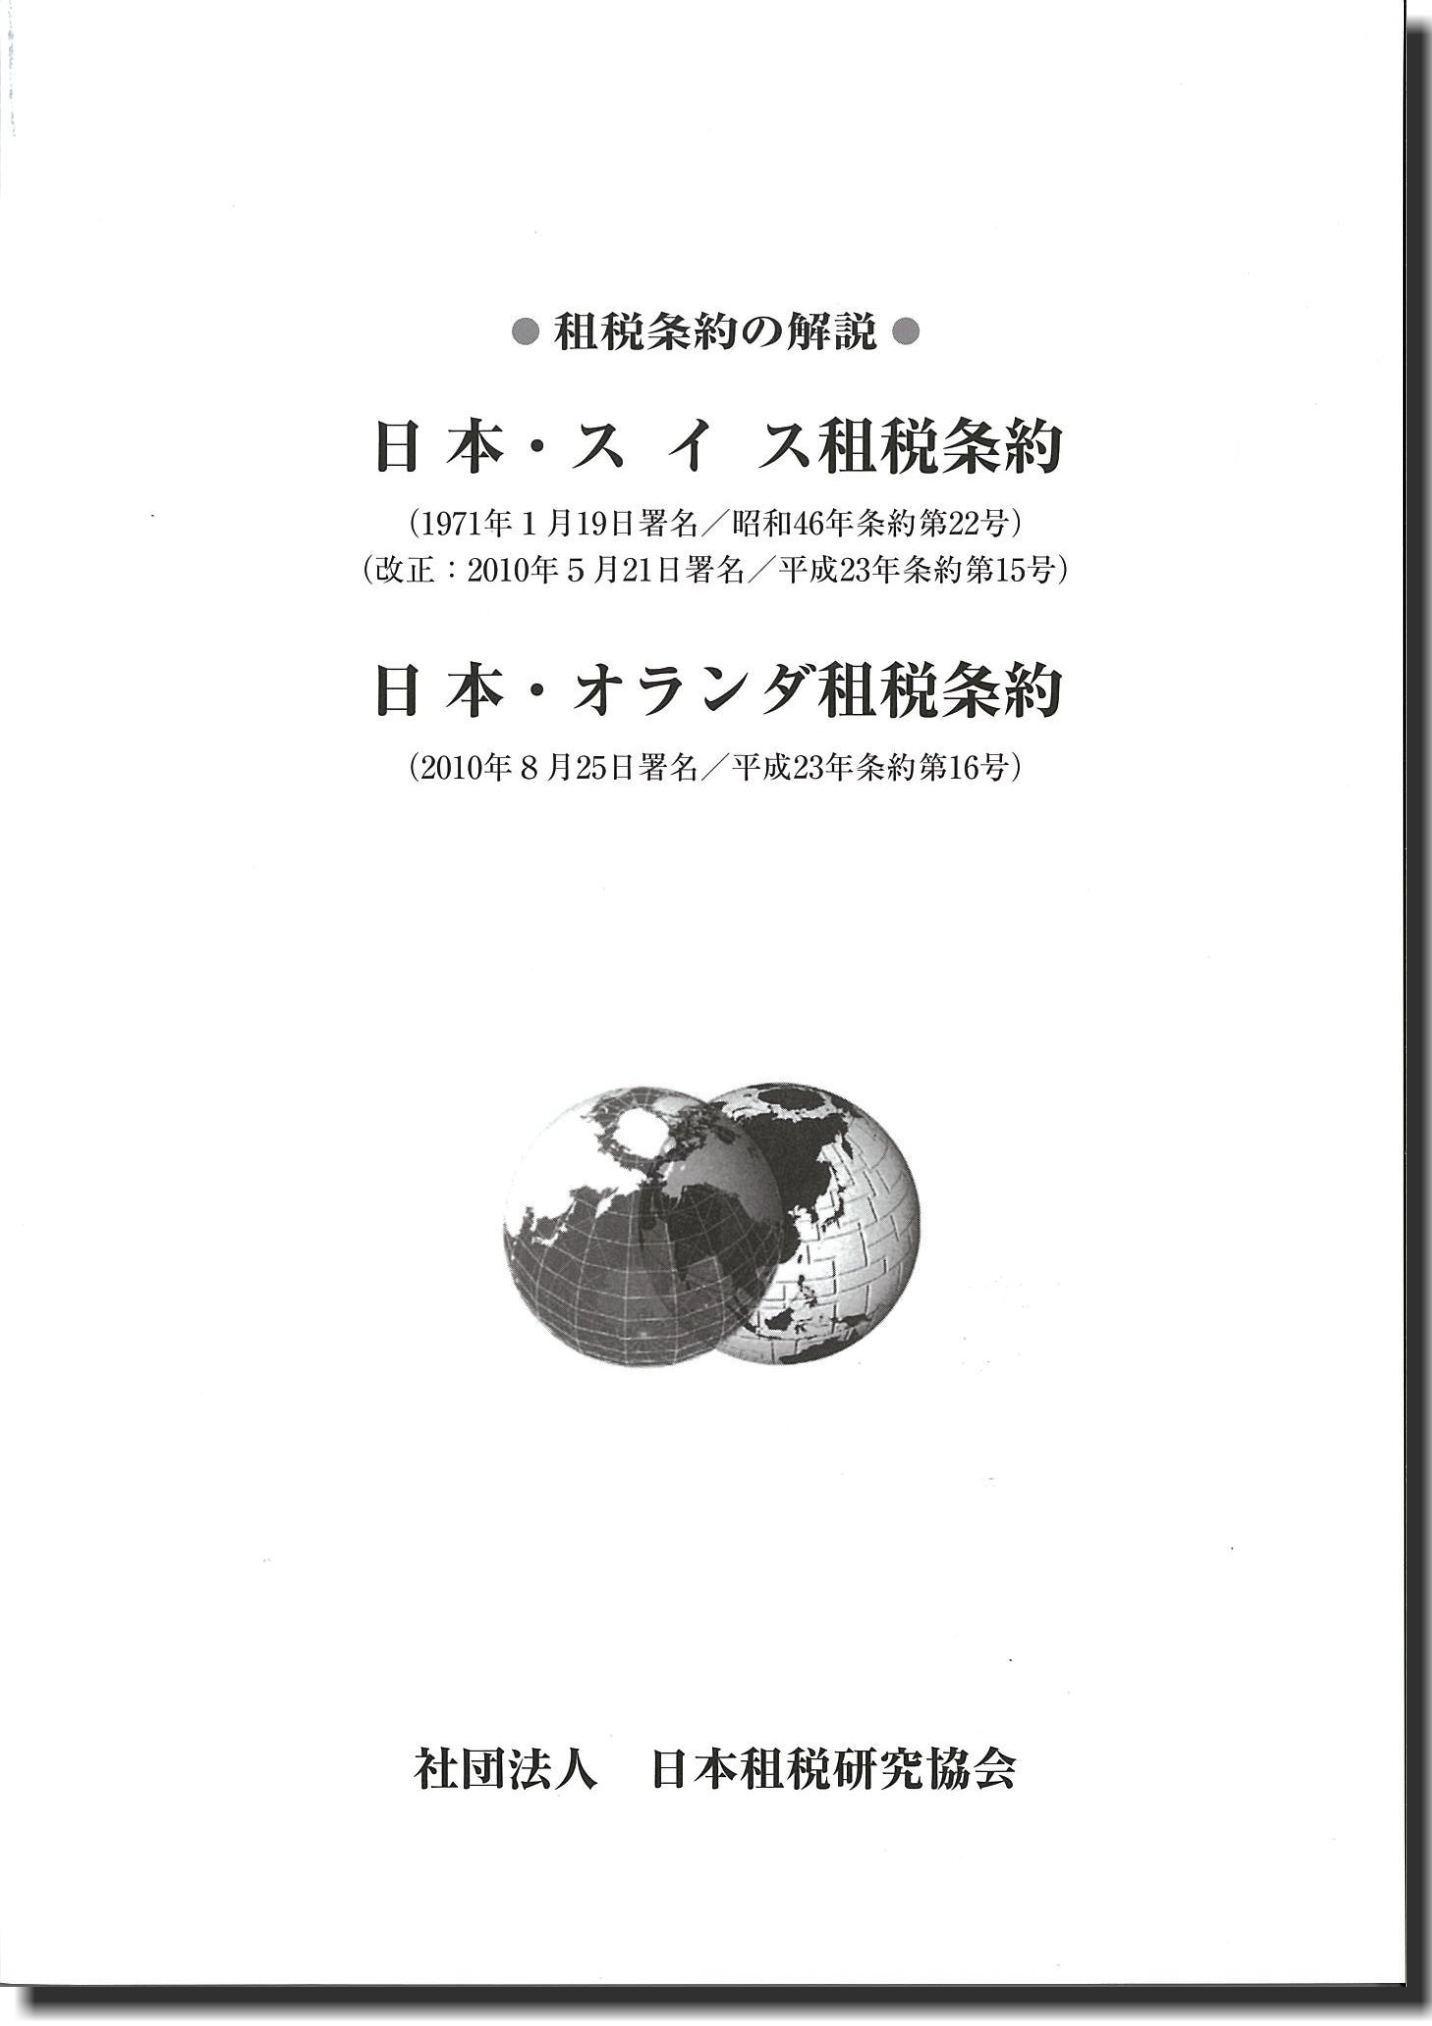 租税条約の解説 日本・スイス租税条約 (1971年1月19日署名/昭和46年条約第22号) (2010年5月21日署名/平成23年条約第15号) 日本・オランダ租税条約 (2010年8月25日署名/平成23年条約第16号)